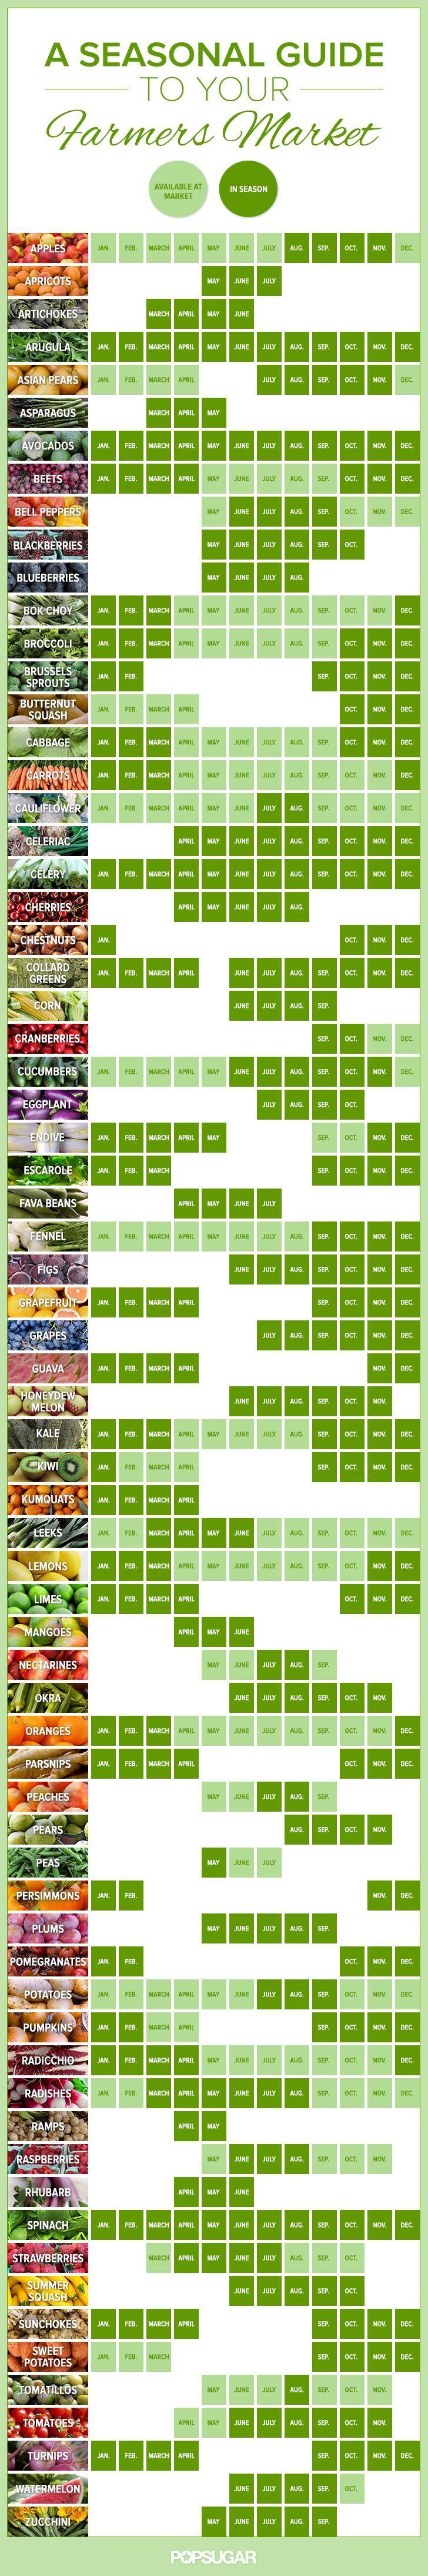 Válassz idényzöldséget - mutatjuk a szezonjait